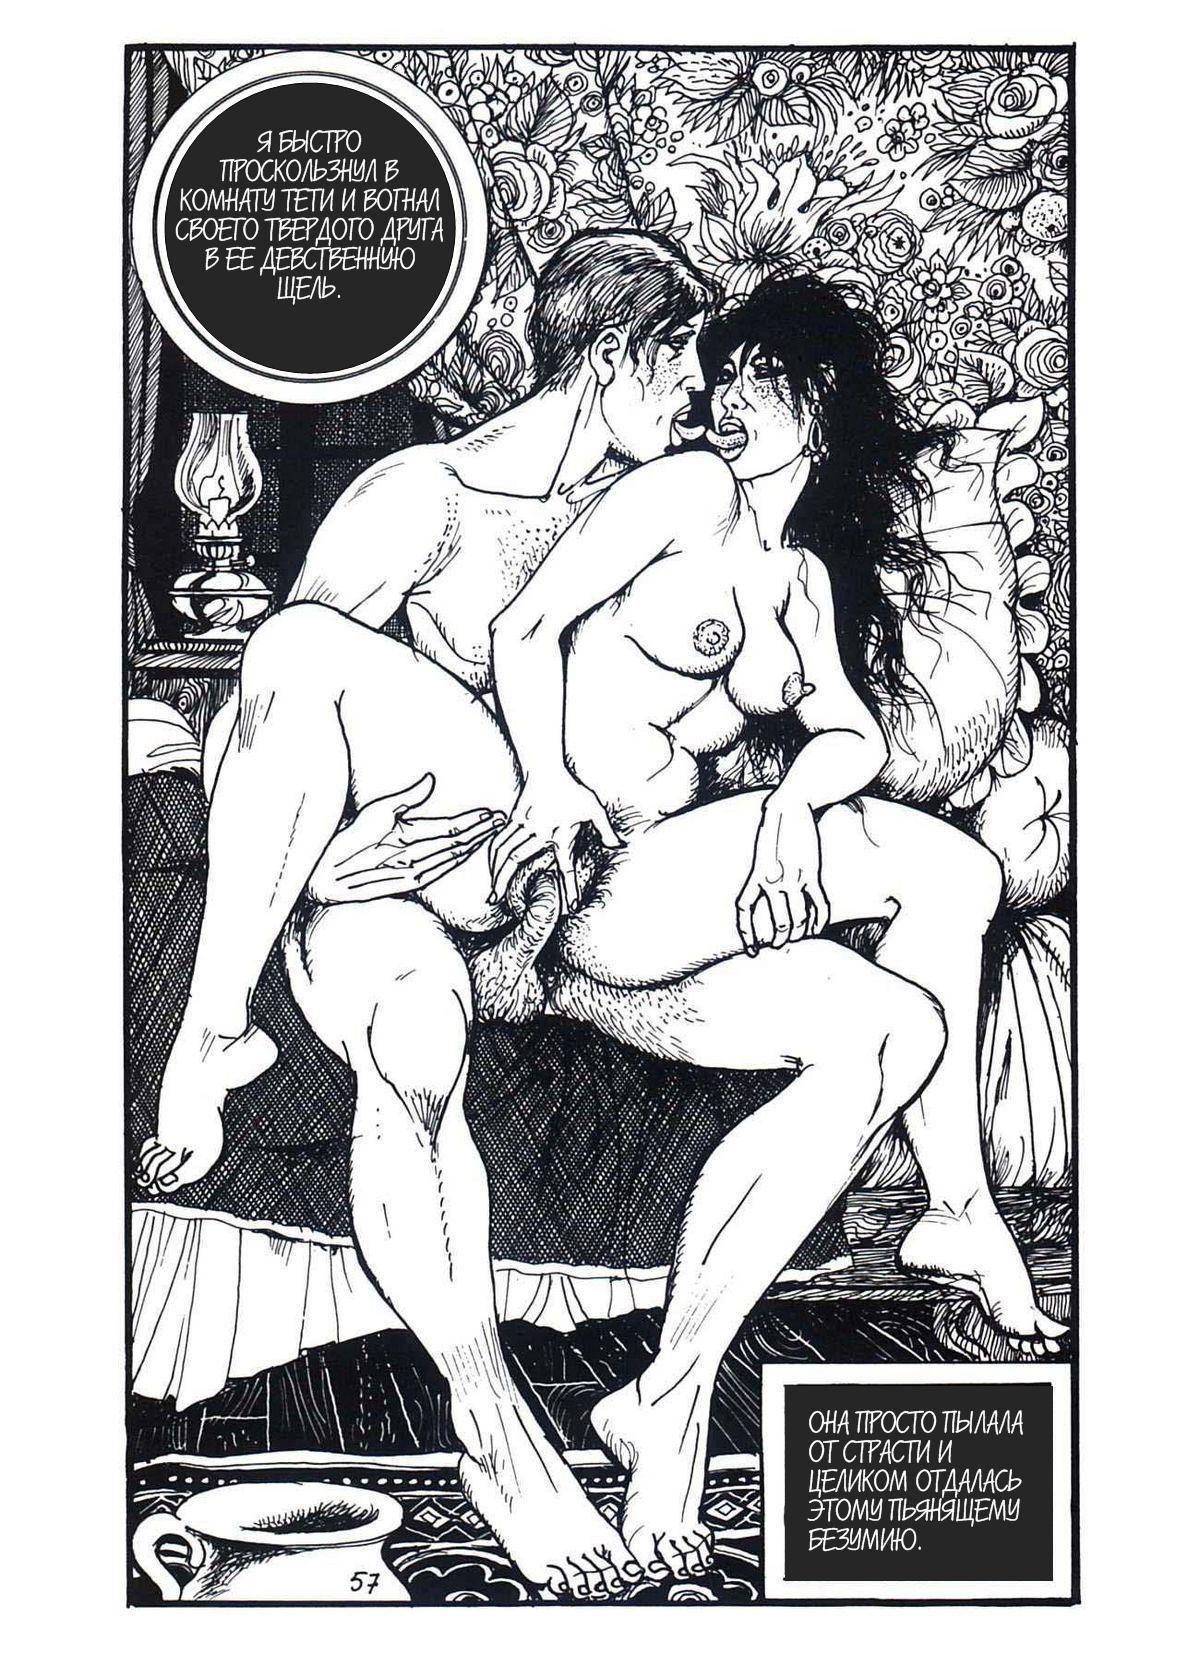 Эротика онлайн смотреть читать порно комиксы с инцесом бесплатно с переводом 22 фотография